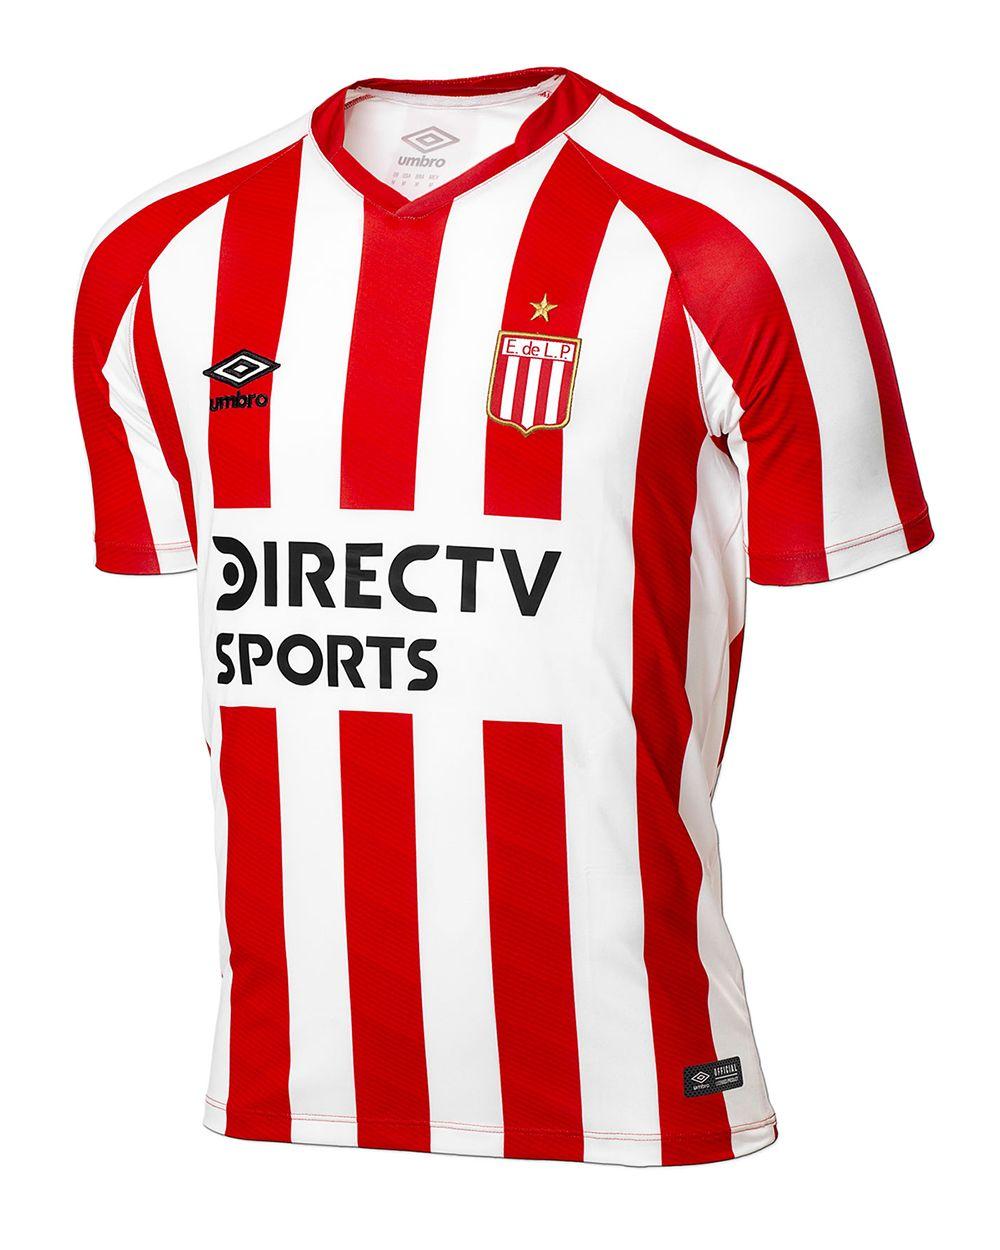 Estudiantes 2018-19 titular. Encuentra este Pin y muchos más en camisetas  futbol ... 5674d42b33840